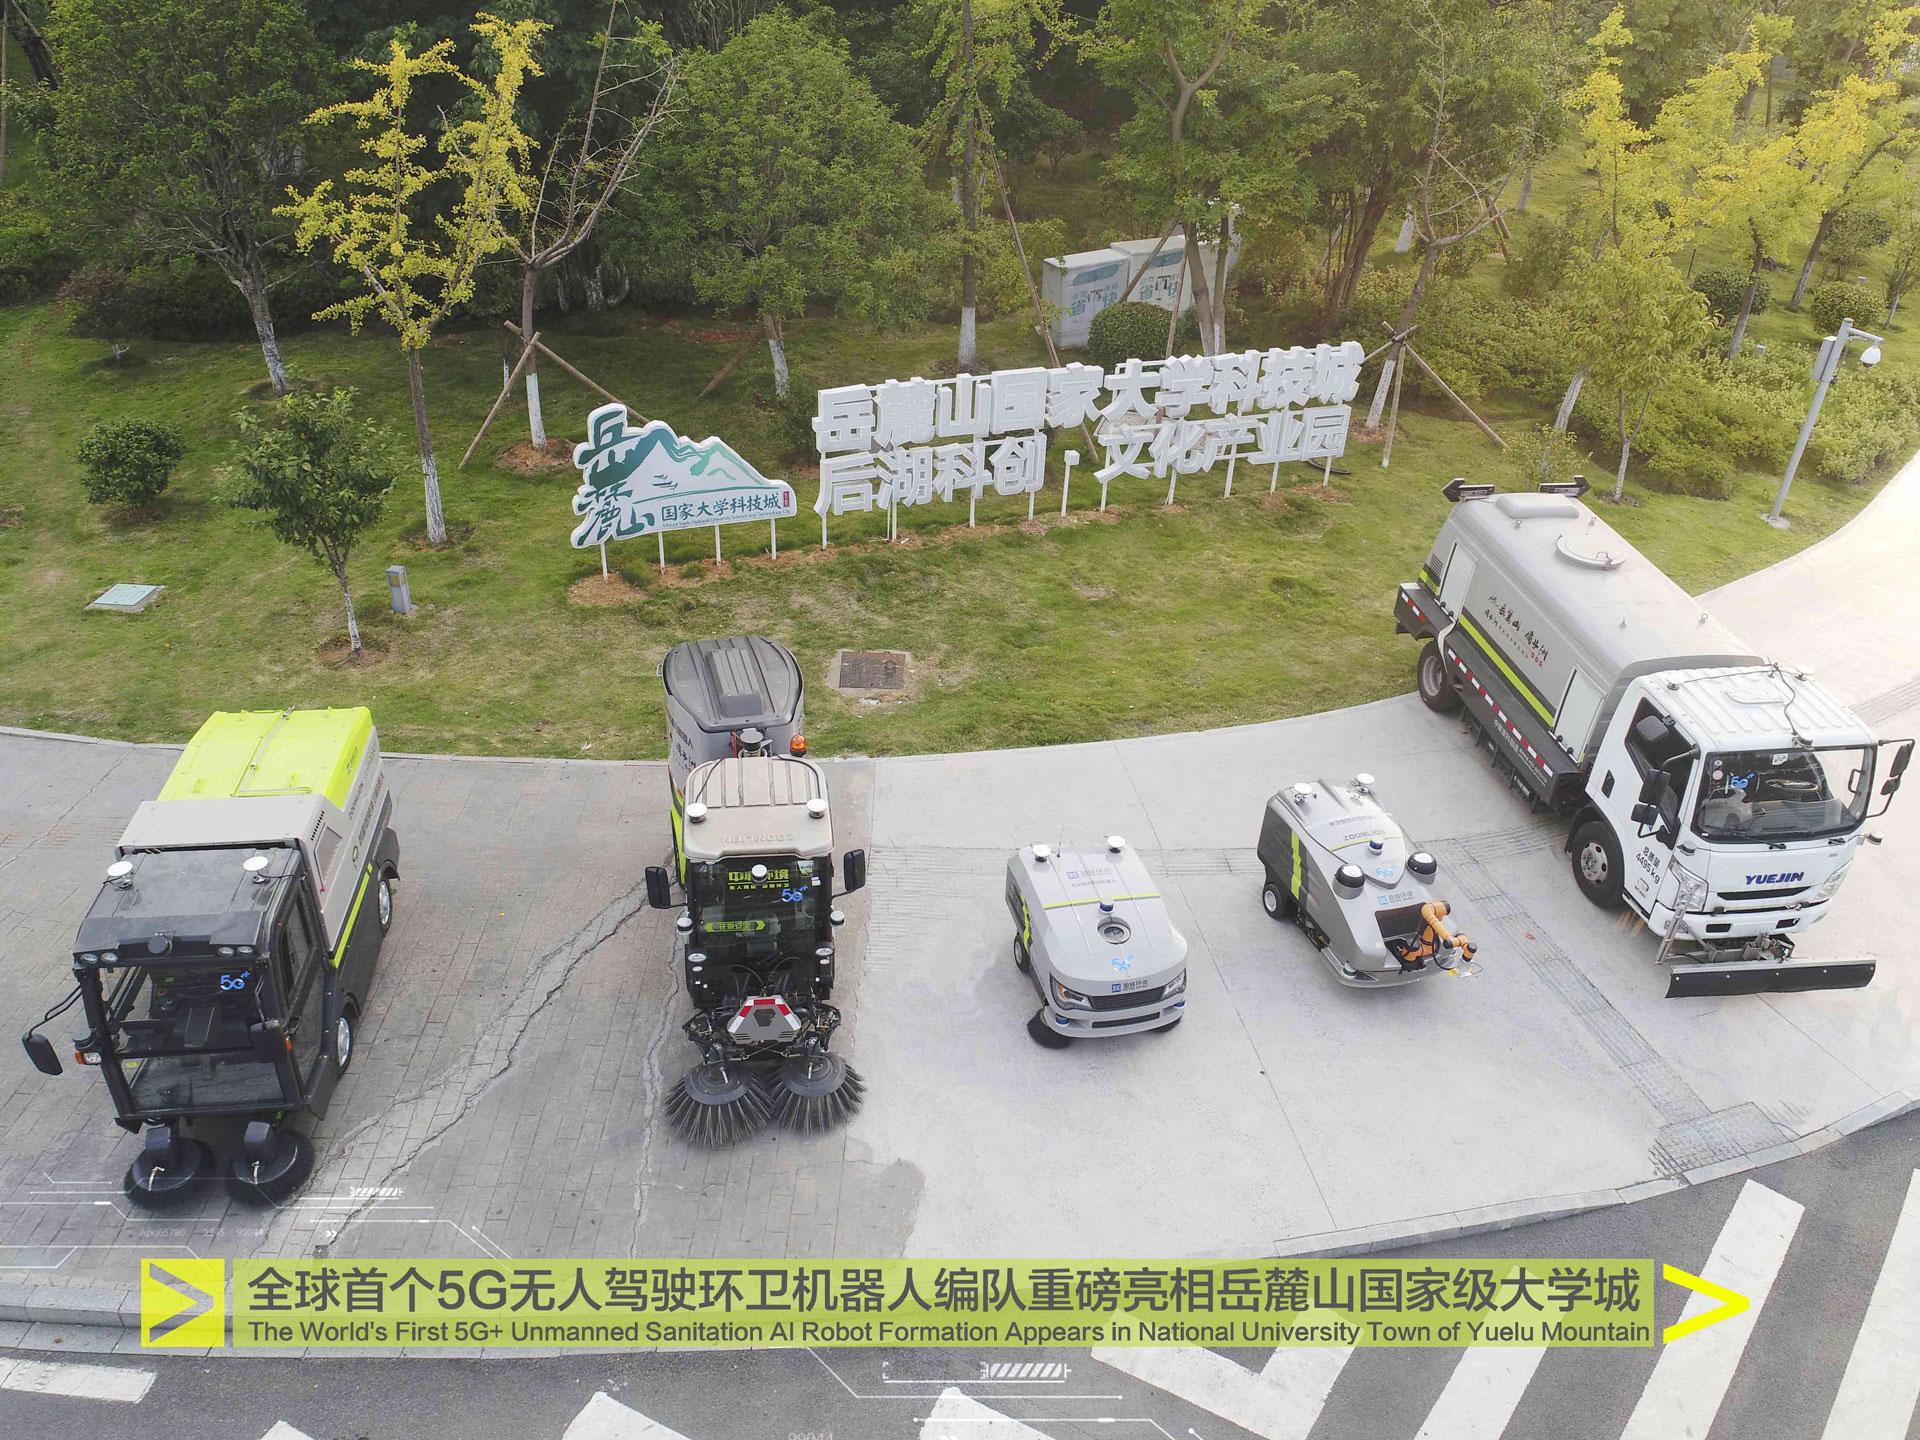 全球首个5G无人驾驶环卫机器人编队亮相岳麓山国家级大学城